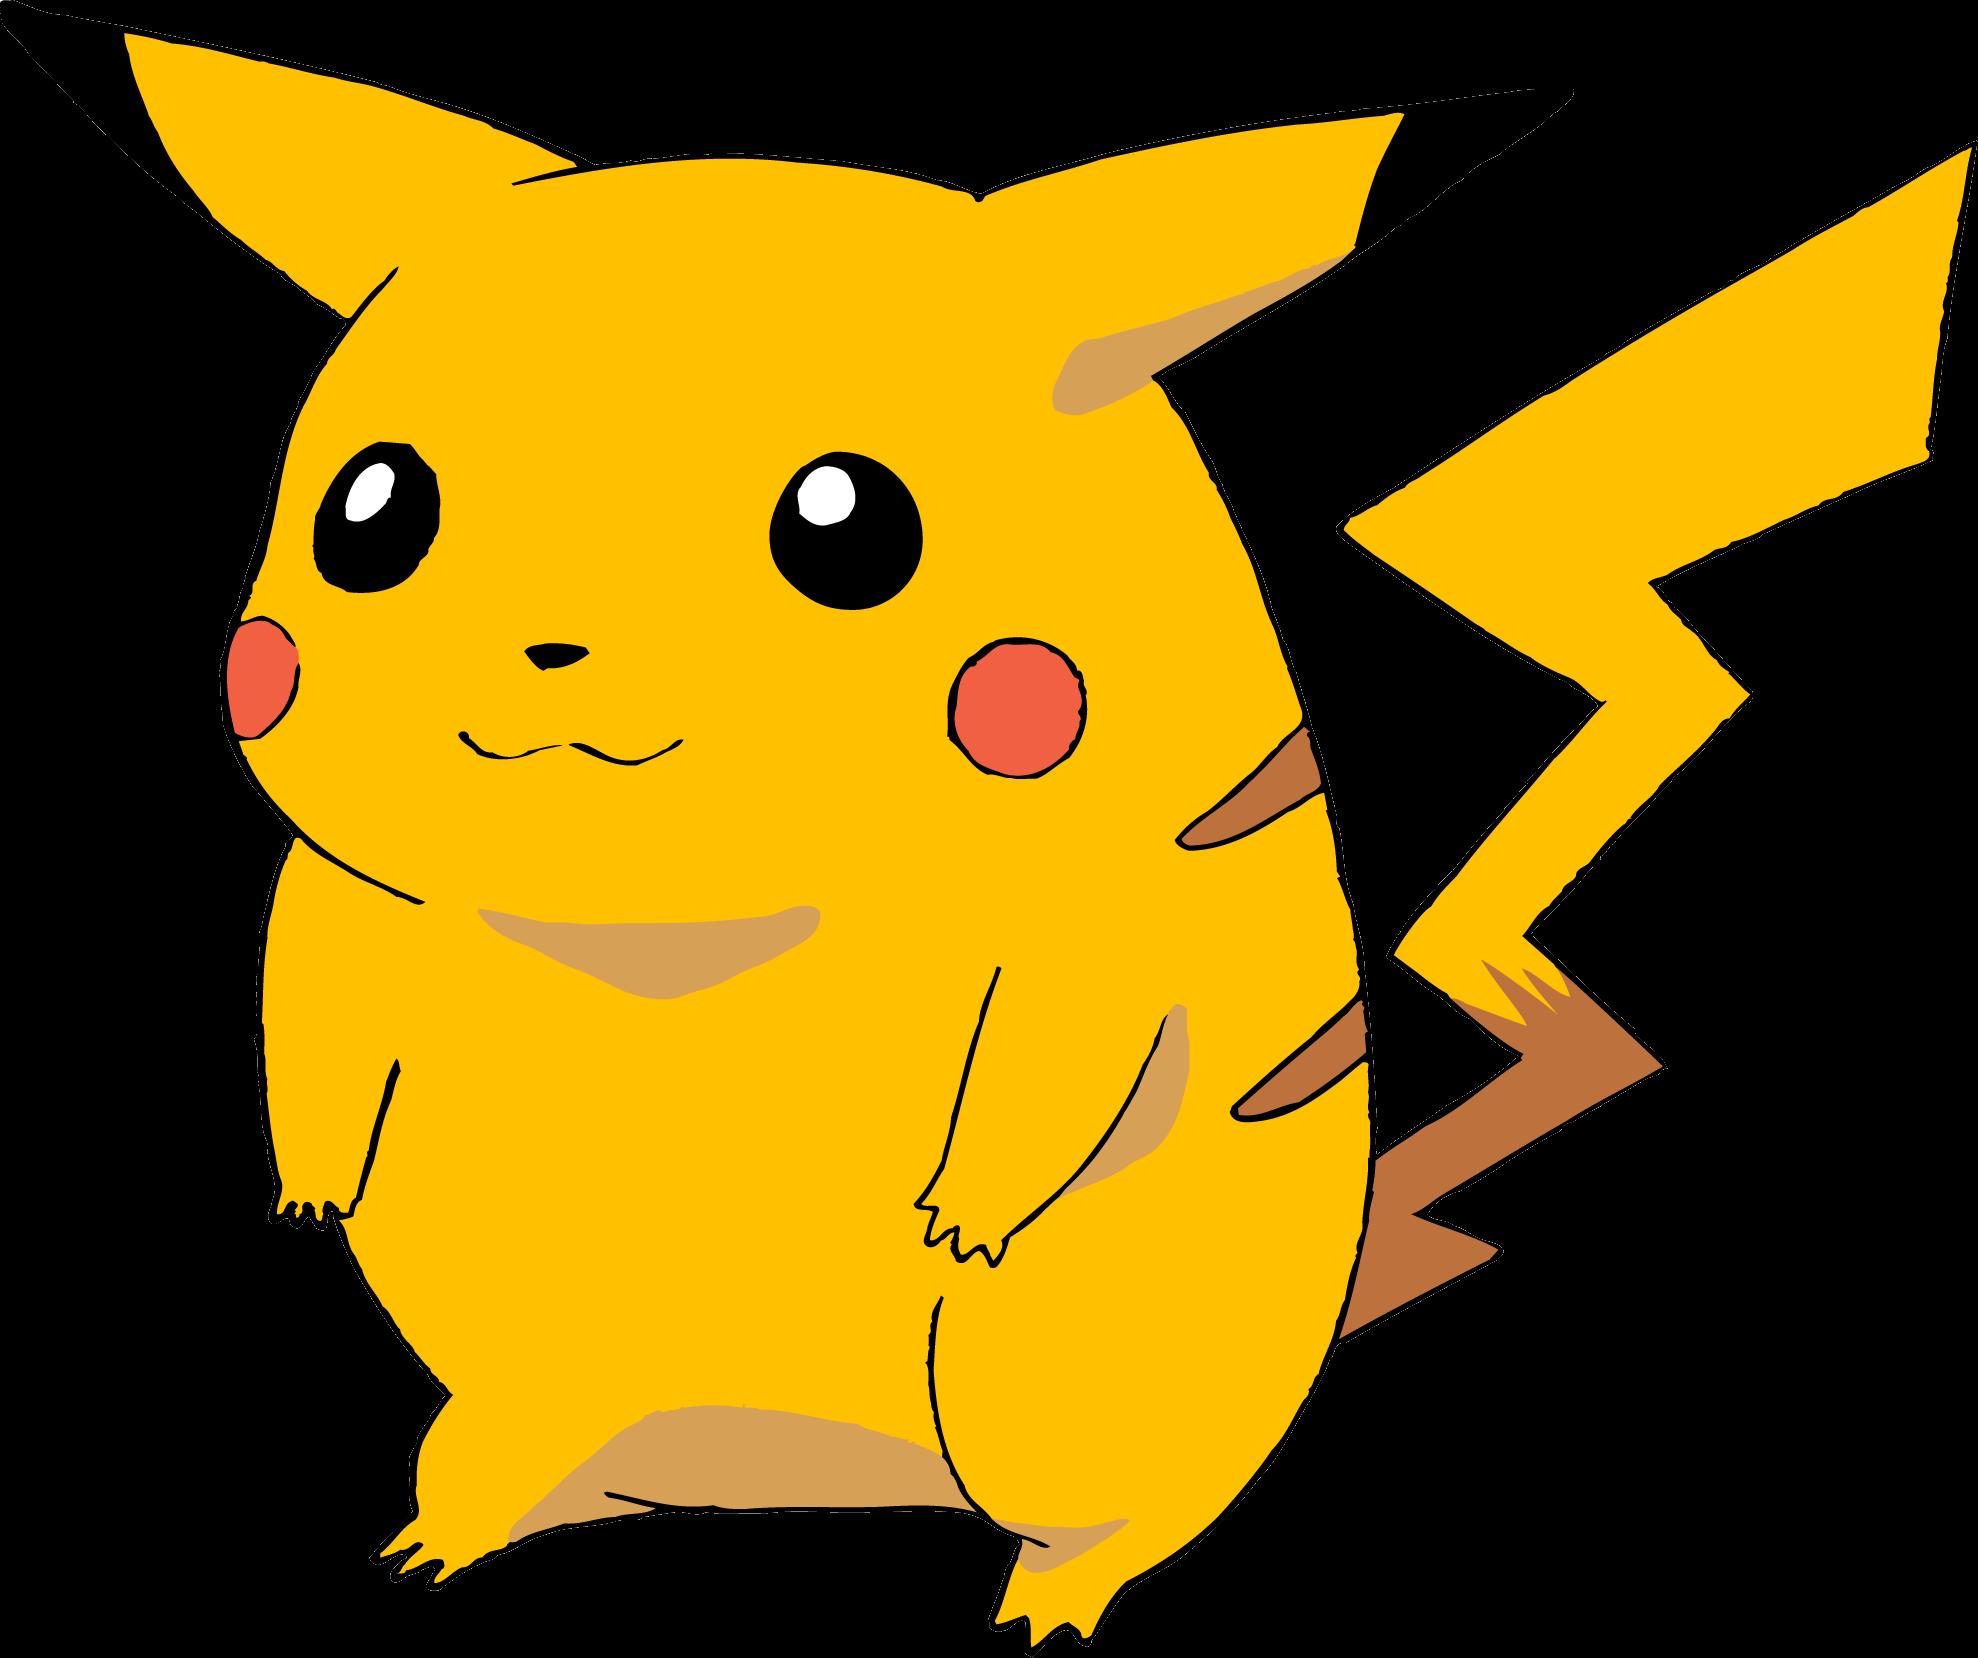 Pikachu clipart file. Pokemon png images transparent